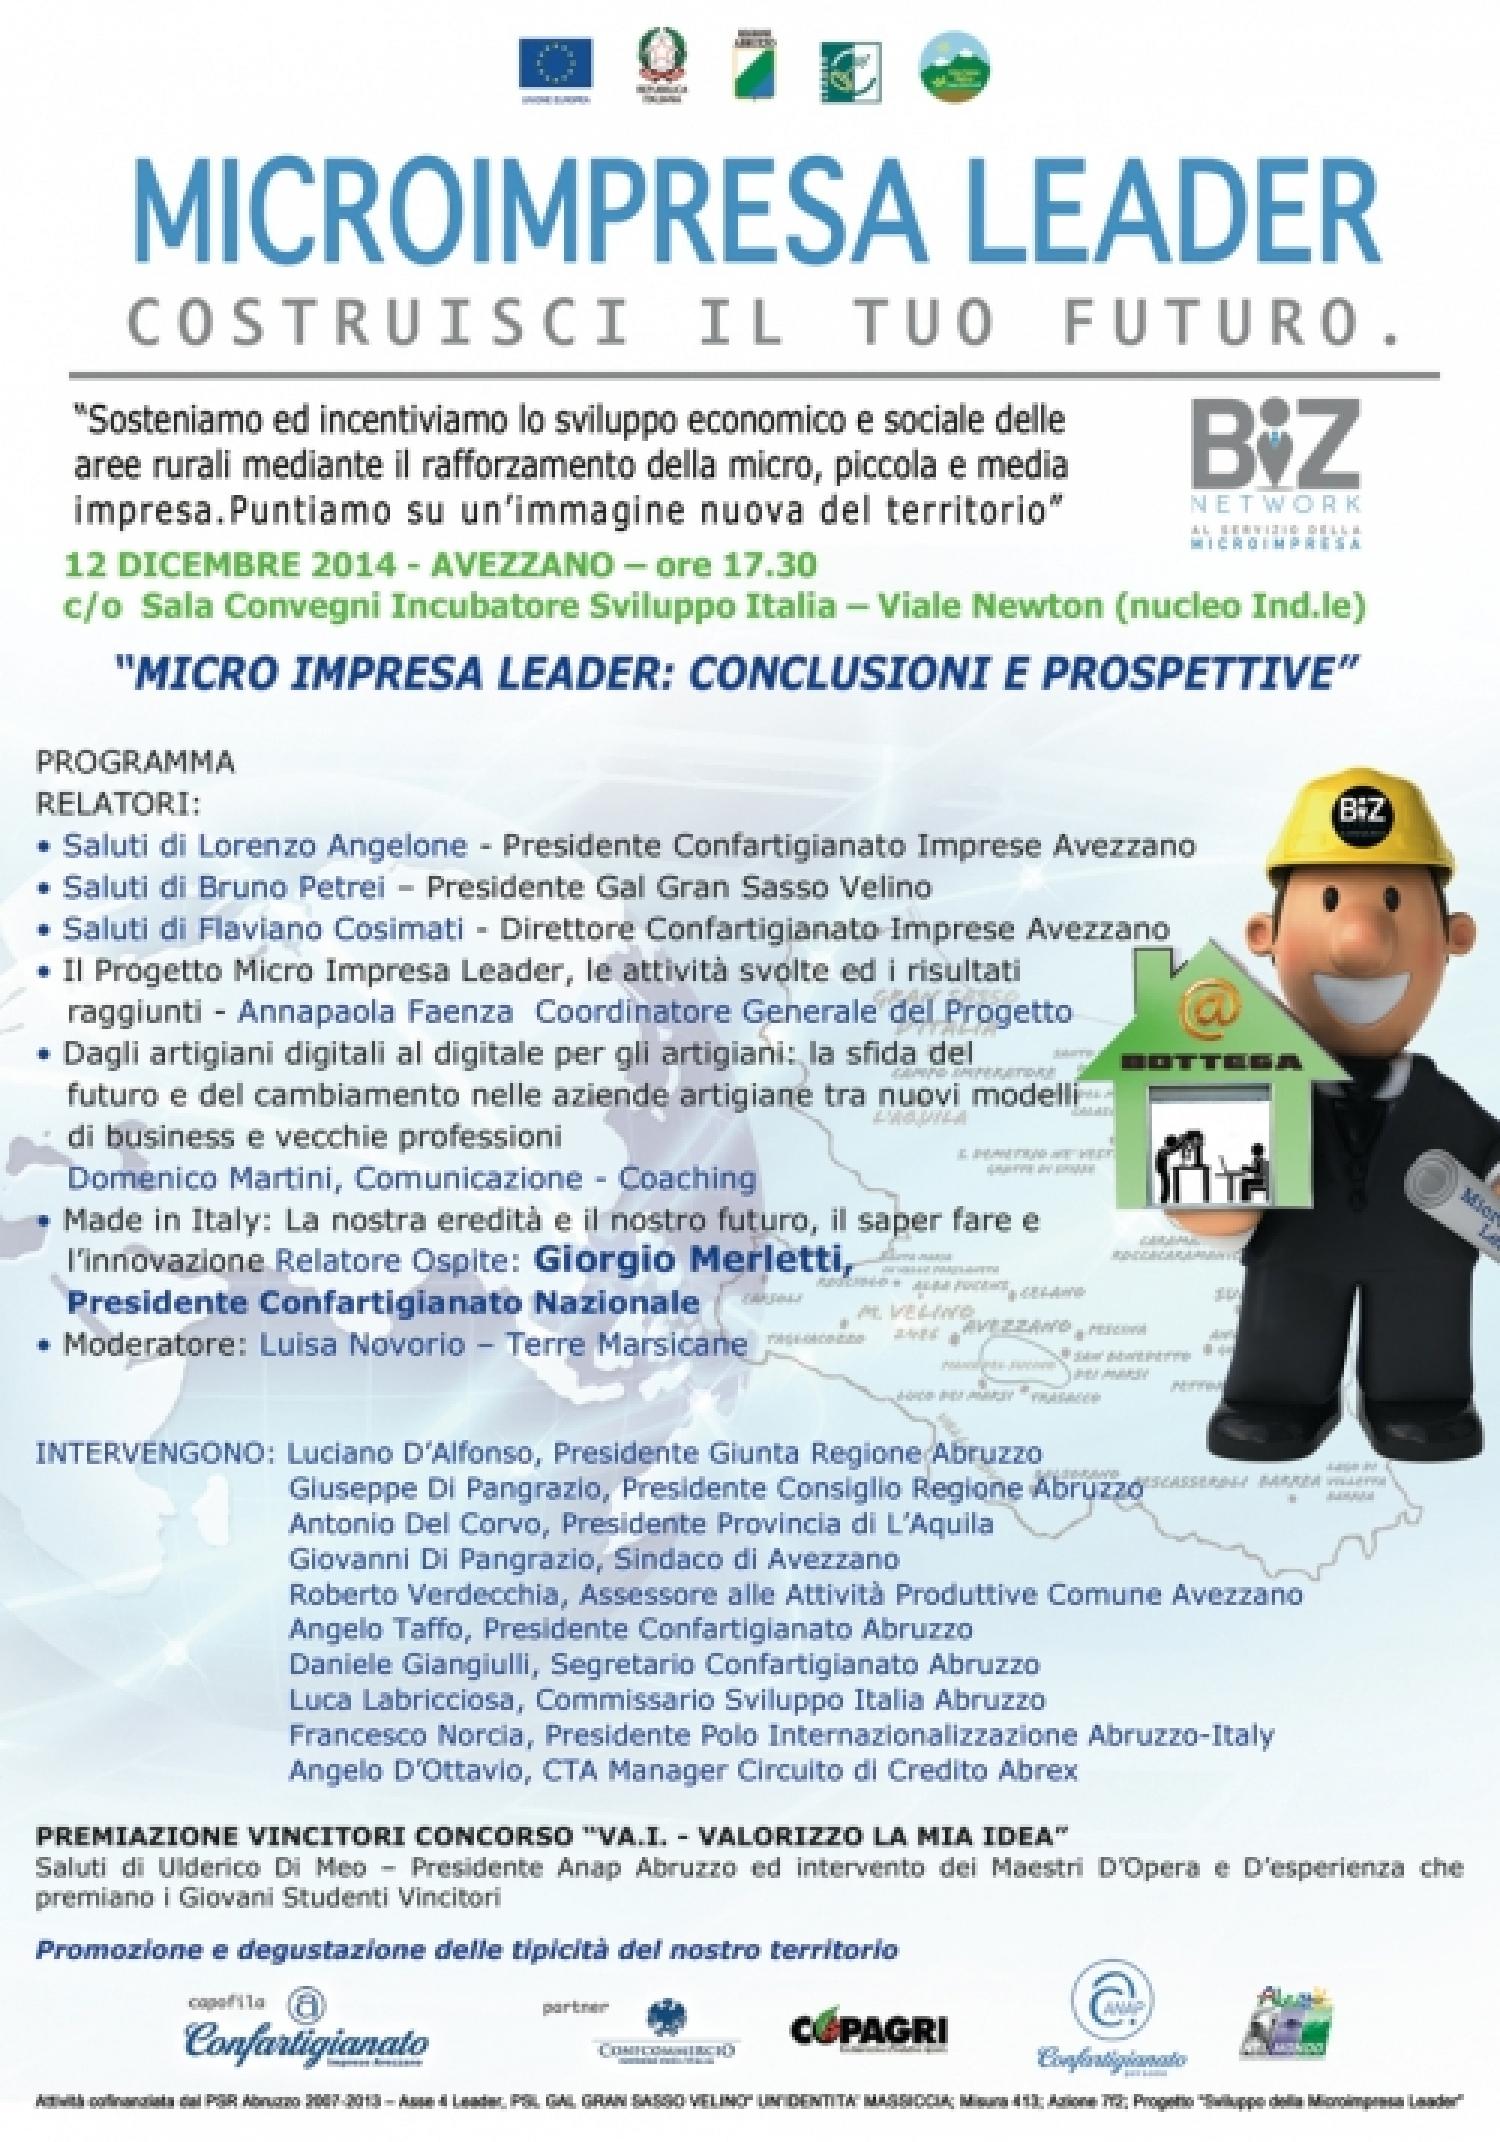 Micro Impresa Leader Invito Evento 12 dicembre.jpg